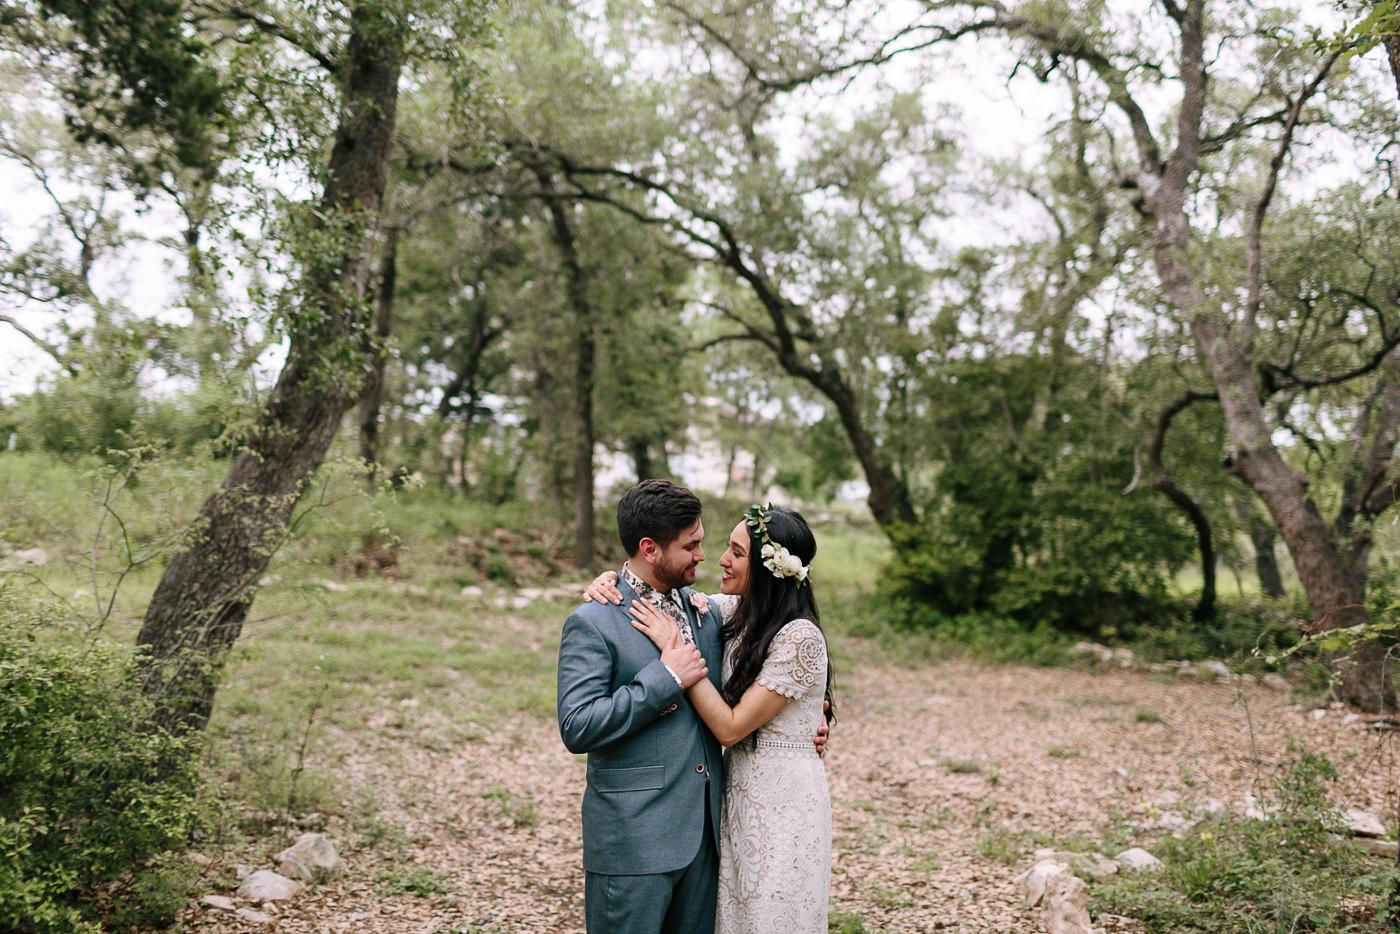 325-wimberley-texas-intimate-backyard-wedding.jpg